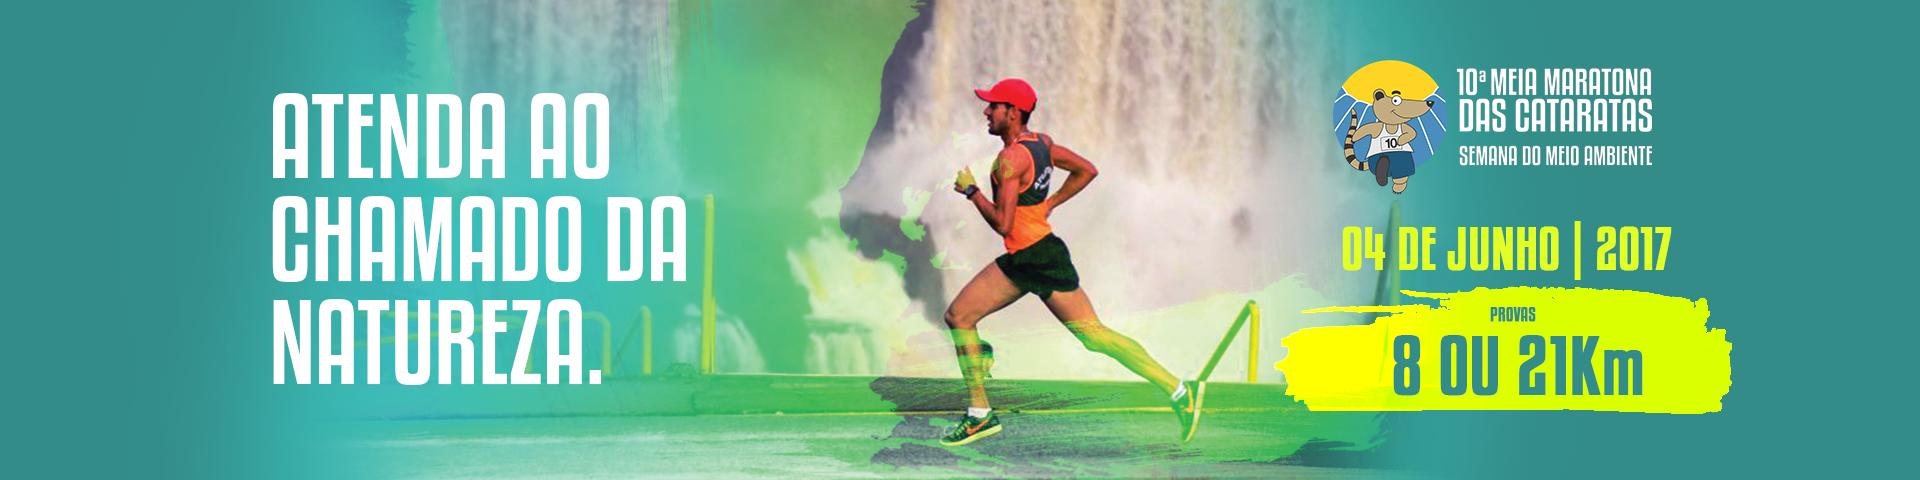 Banner 10° Meia Maratona das Cataratas